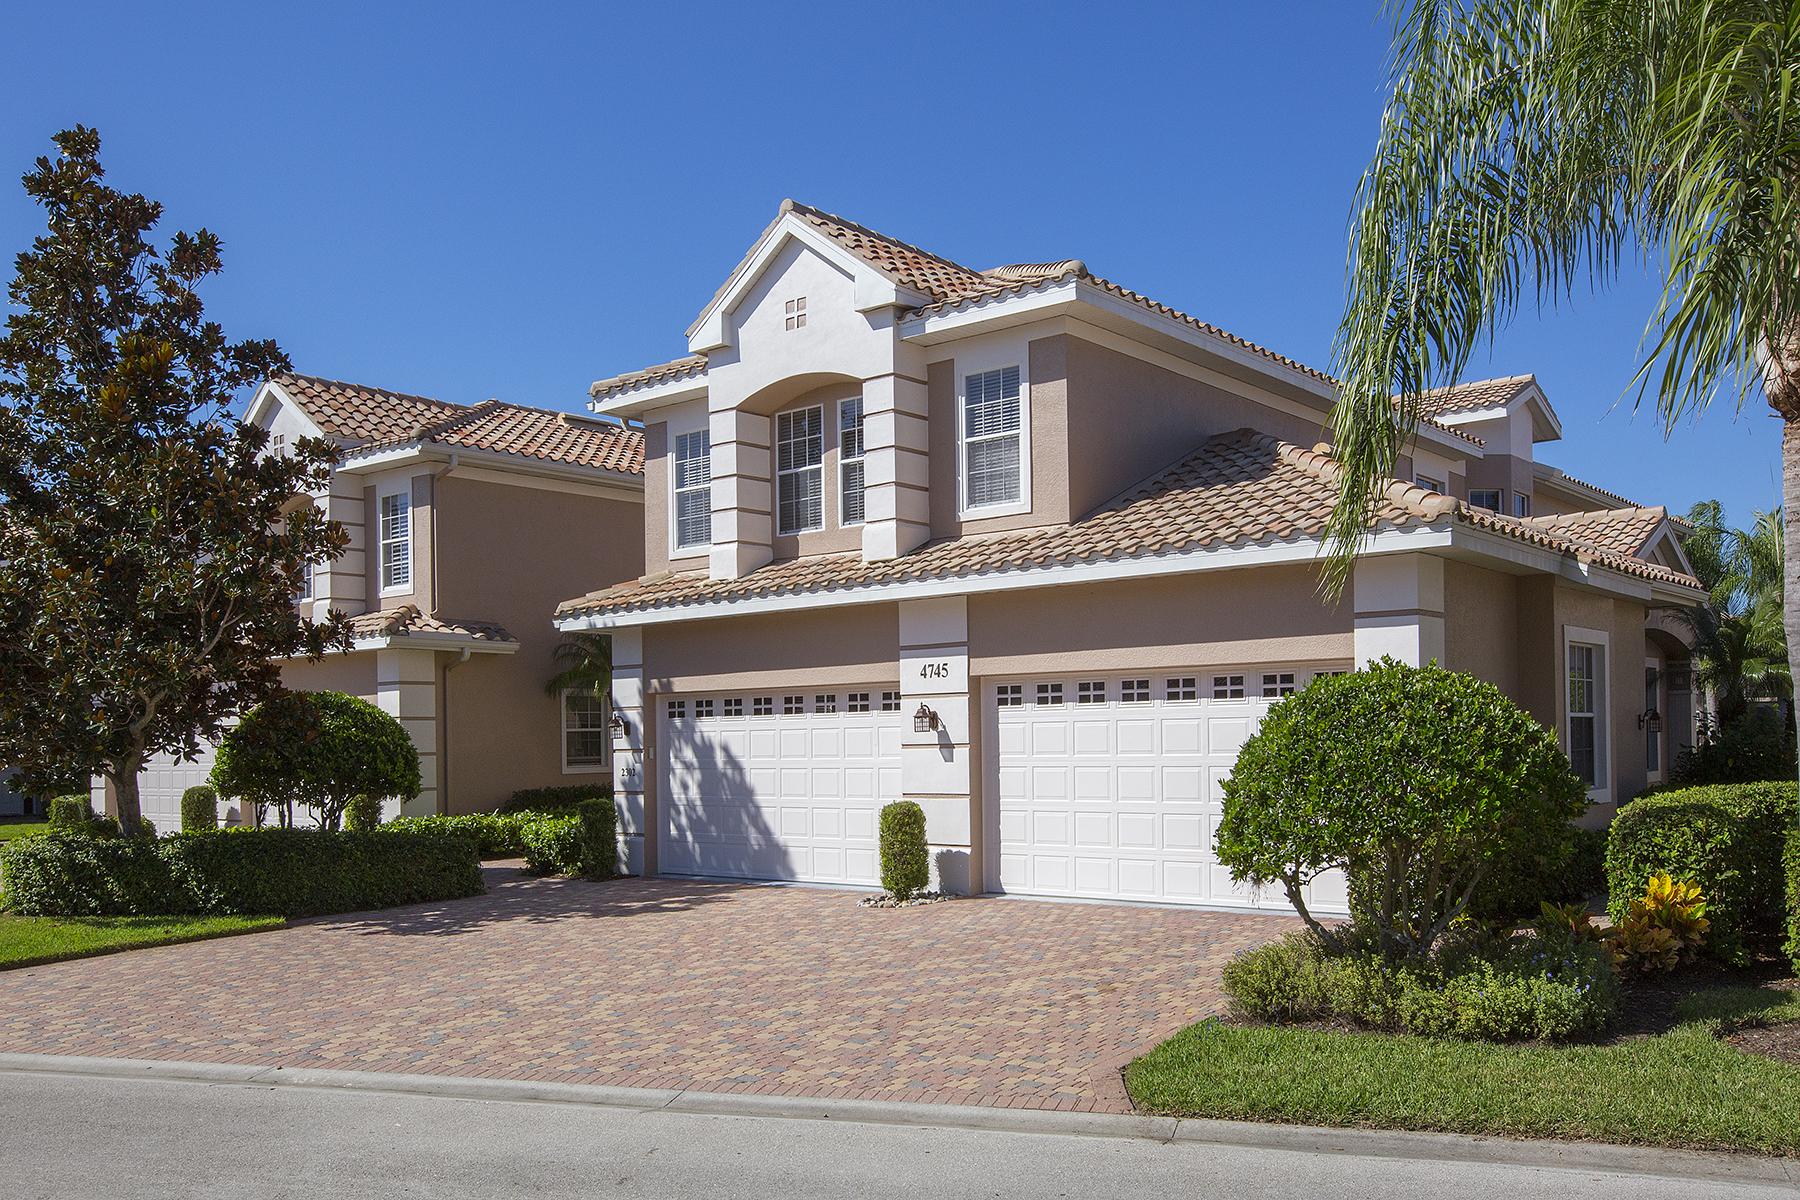 コンドミニアム のために 売買 アット KENSINGTON - WELLINGTON PLACE ll 4745 Stratford Ct 2304 Naples, フロリダ, 34105 アメリカ合衆国